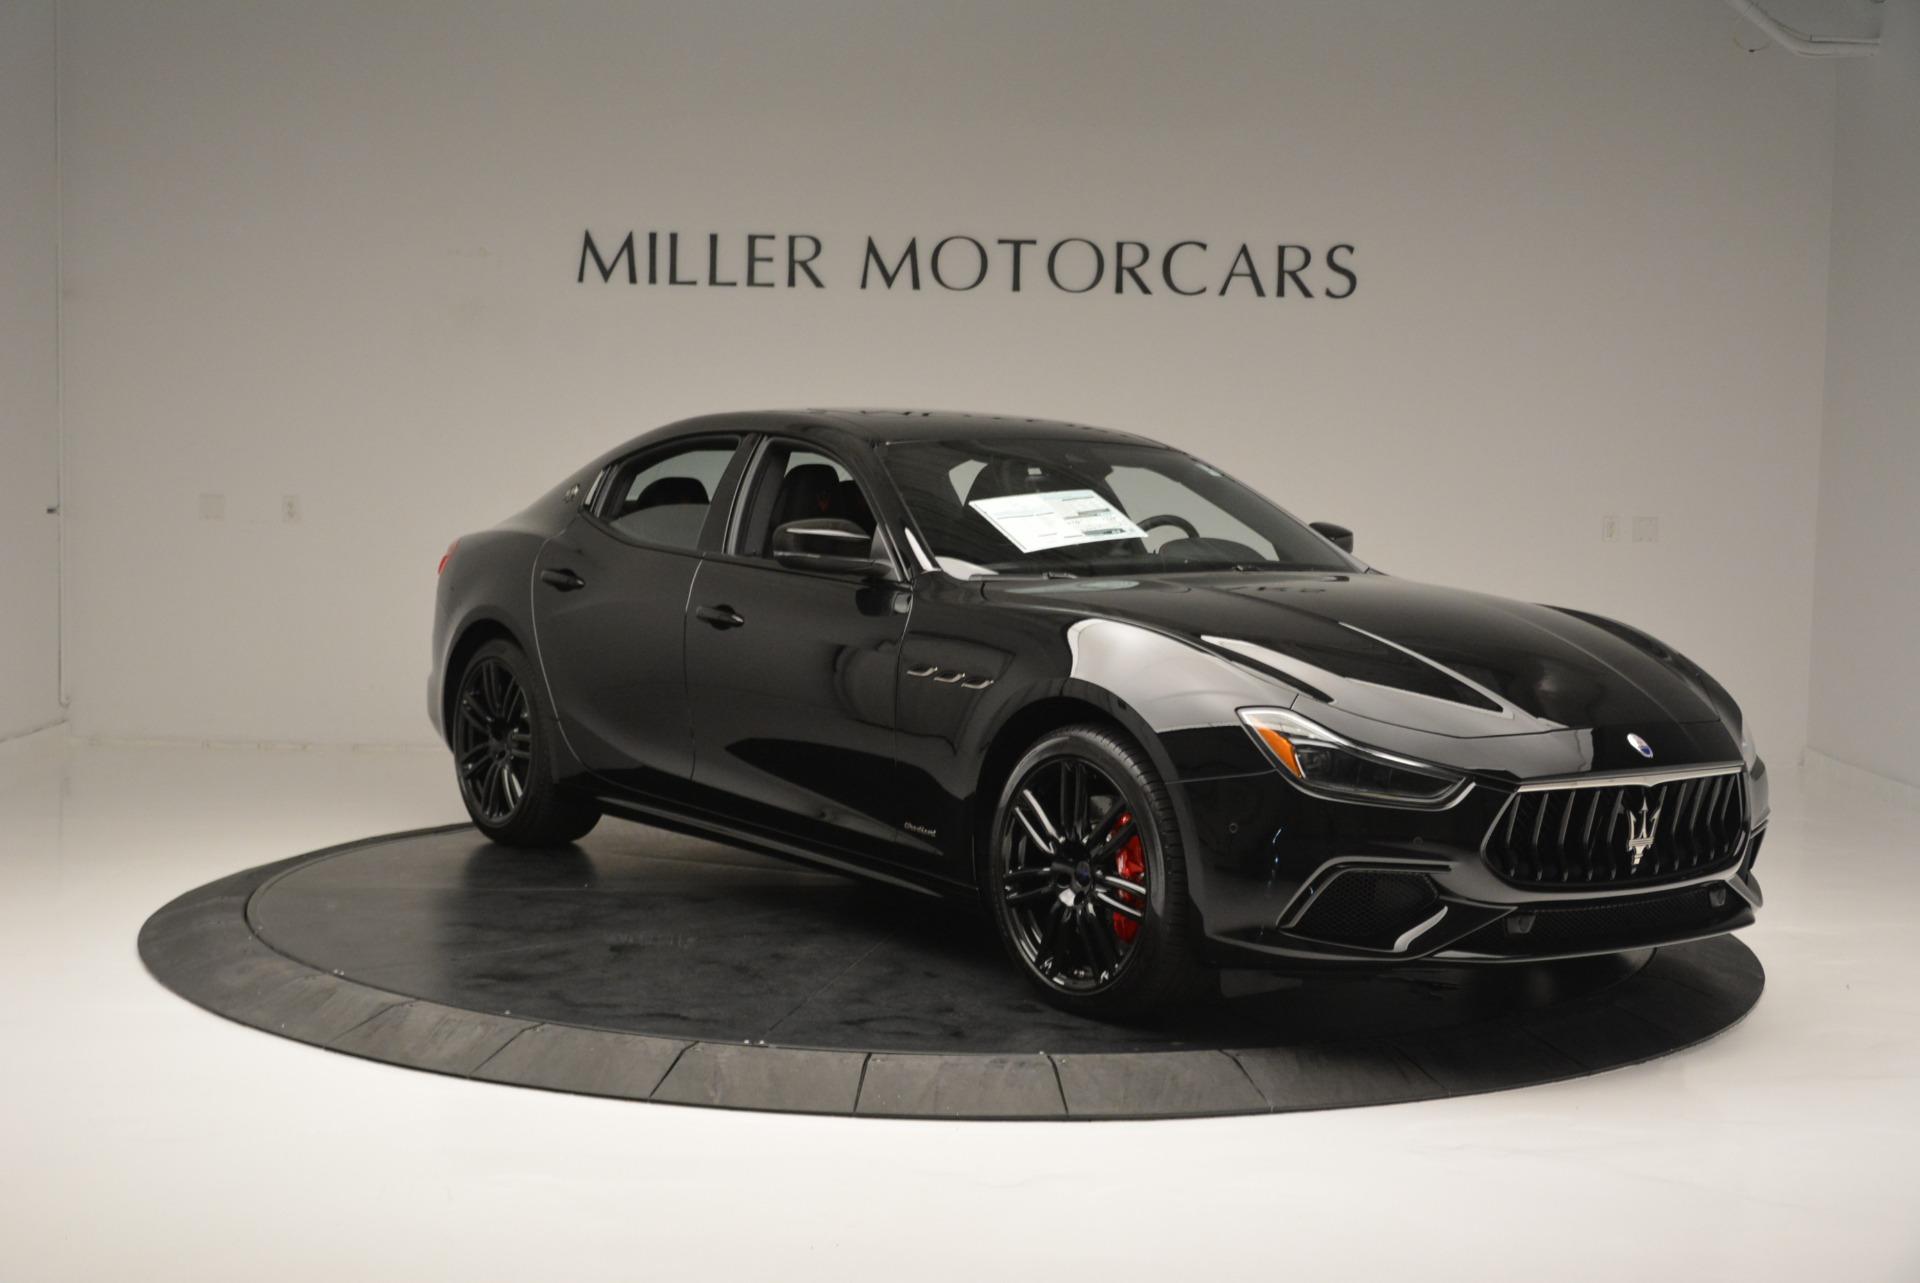 New 2018 Maserati Ghibli SQ4 GranSport Nerissimo For Sale In Greenwich, CT 2366_p11